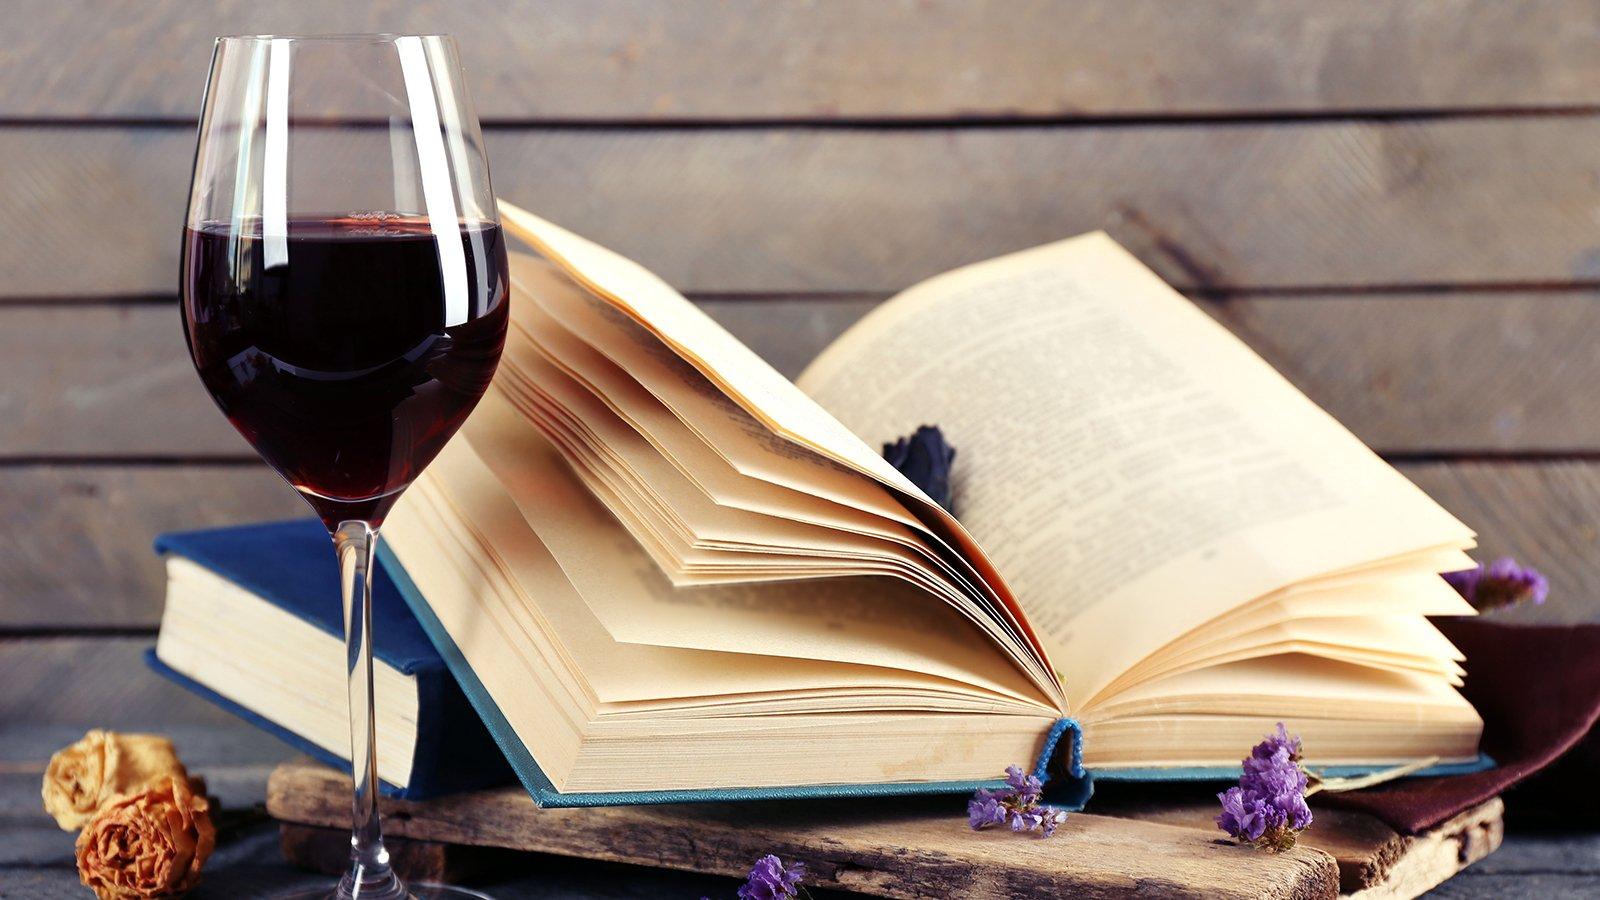 Un calice di vino rosso a fianco a un libro aperto